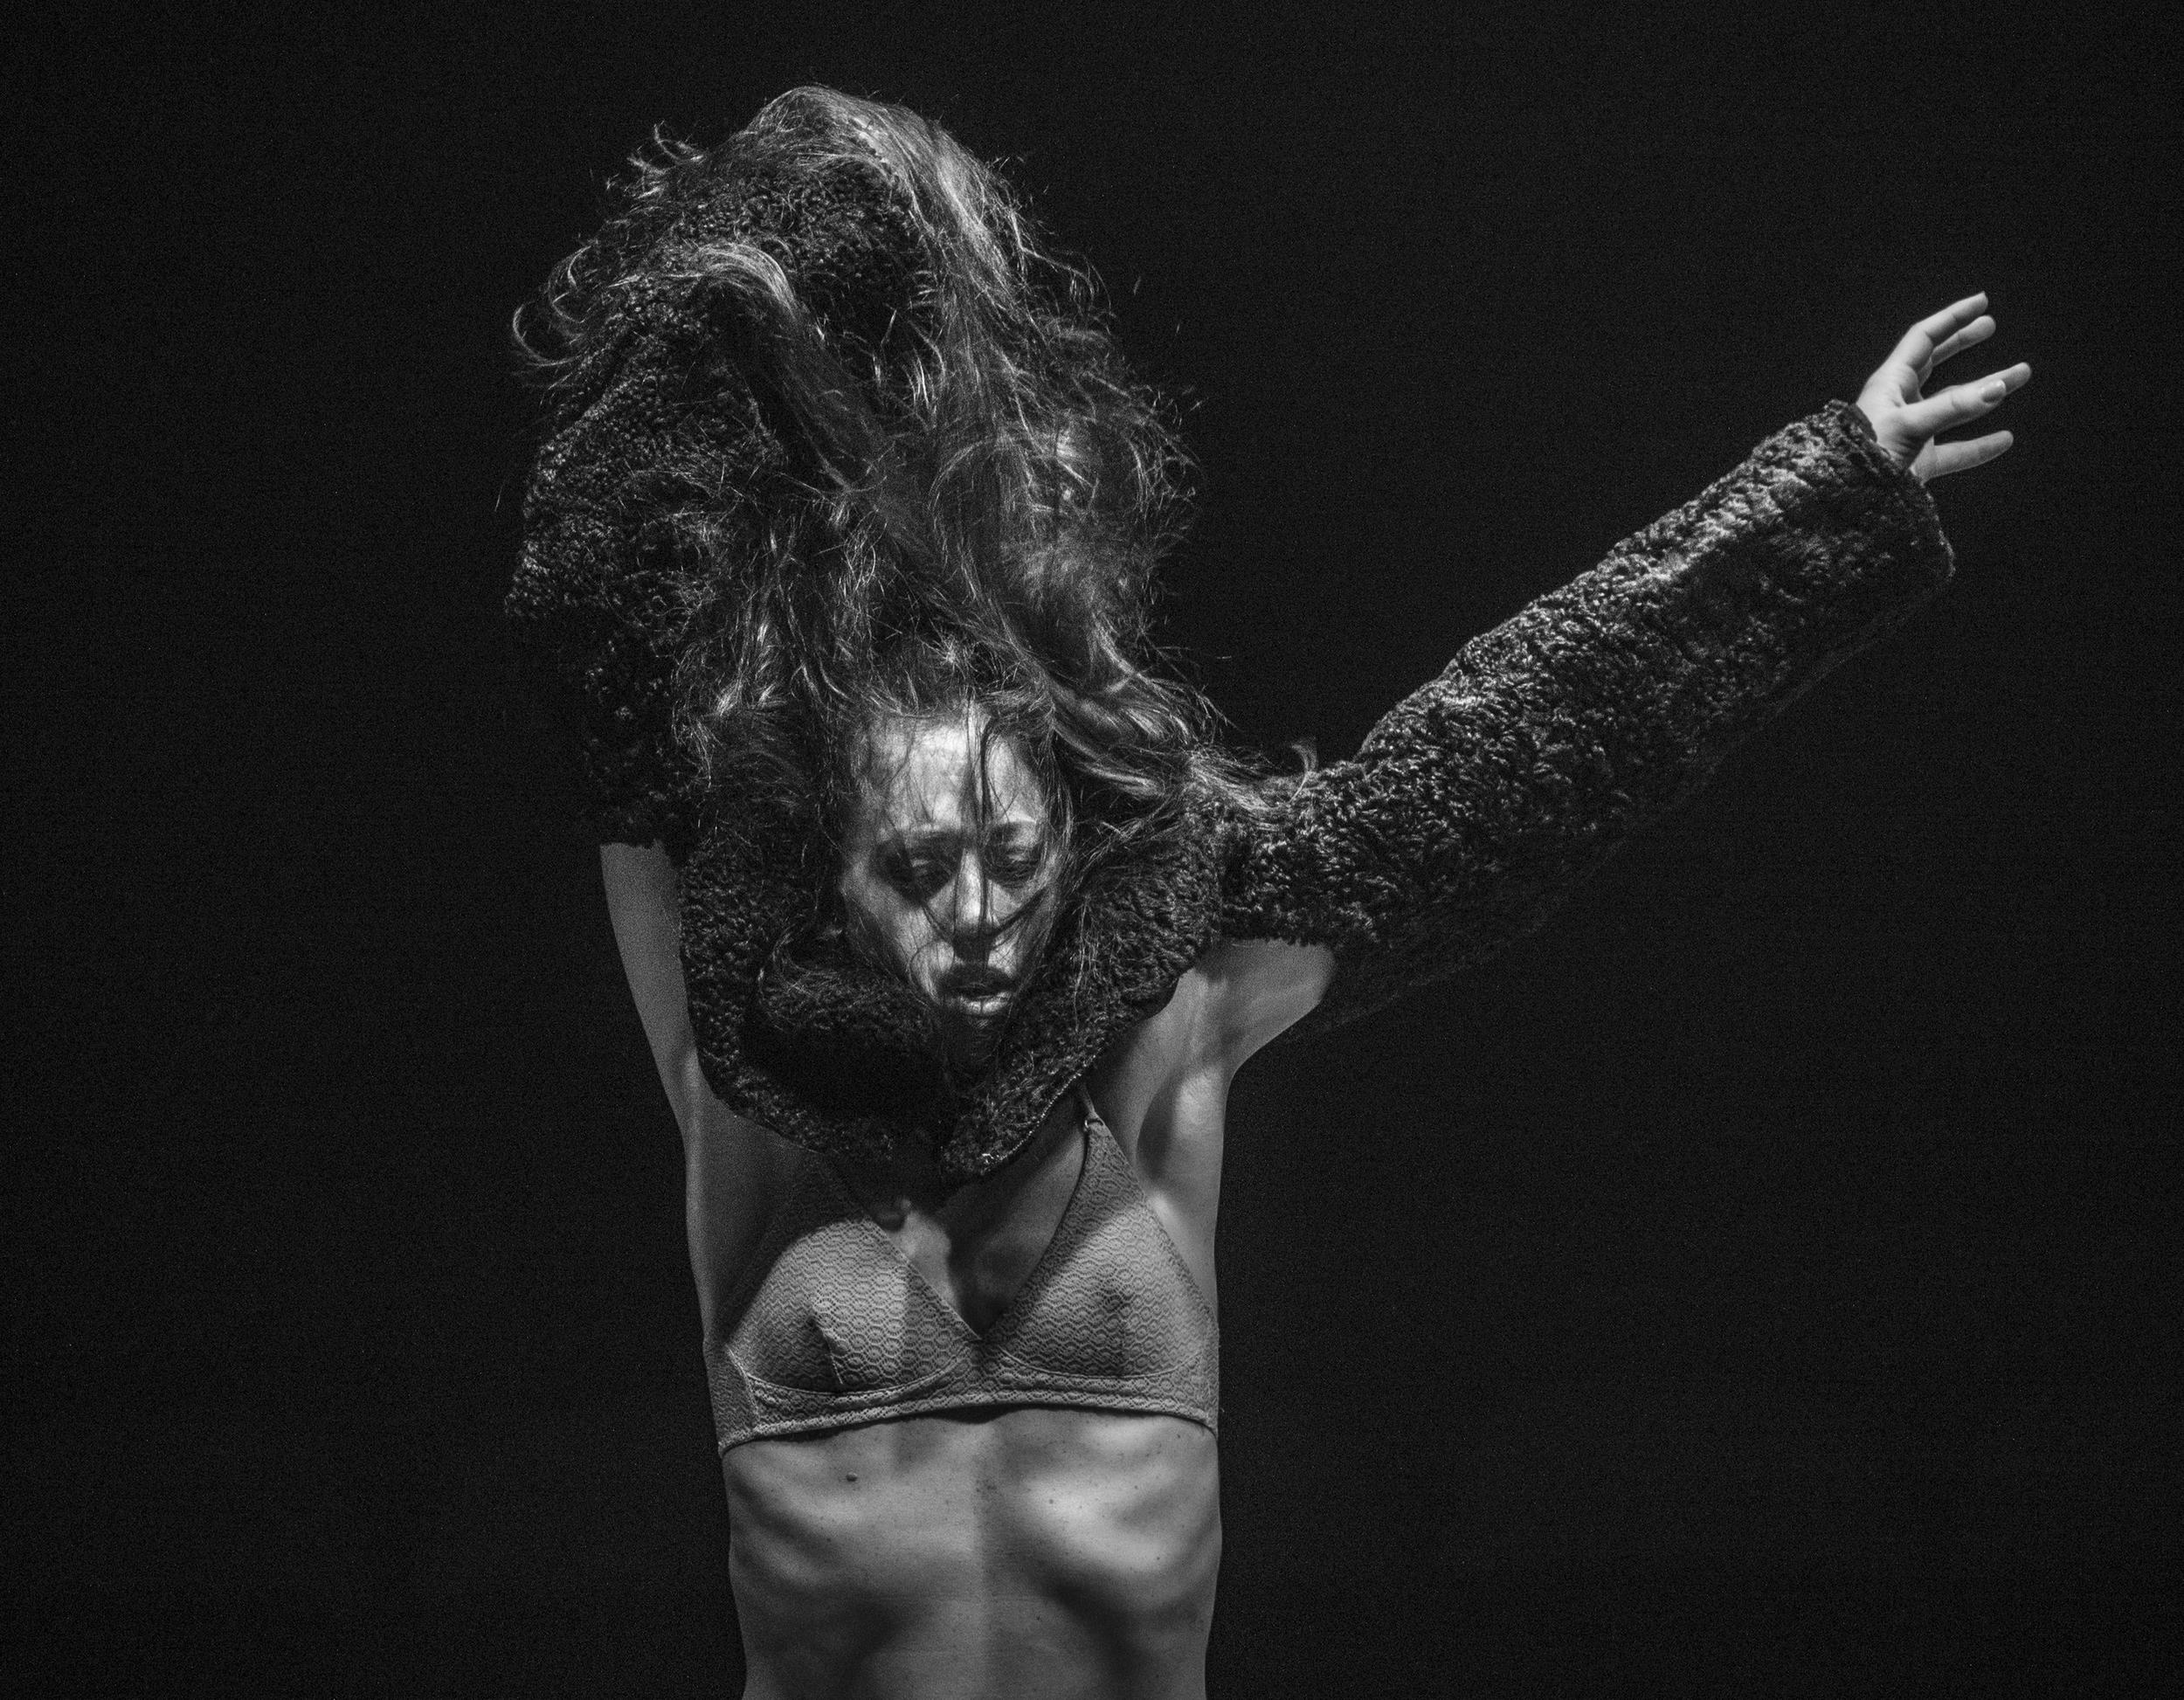 Photo: Erik Berg